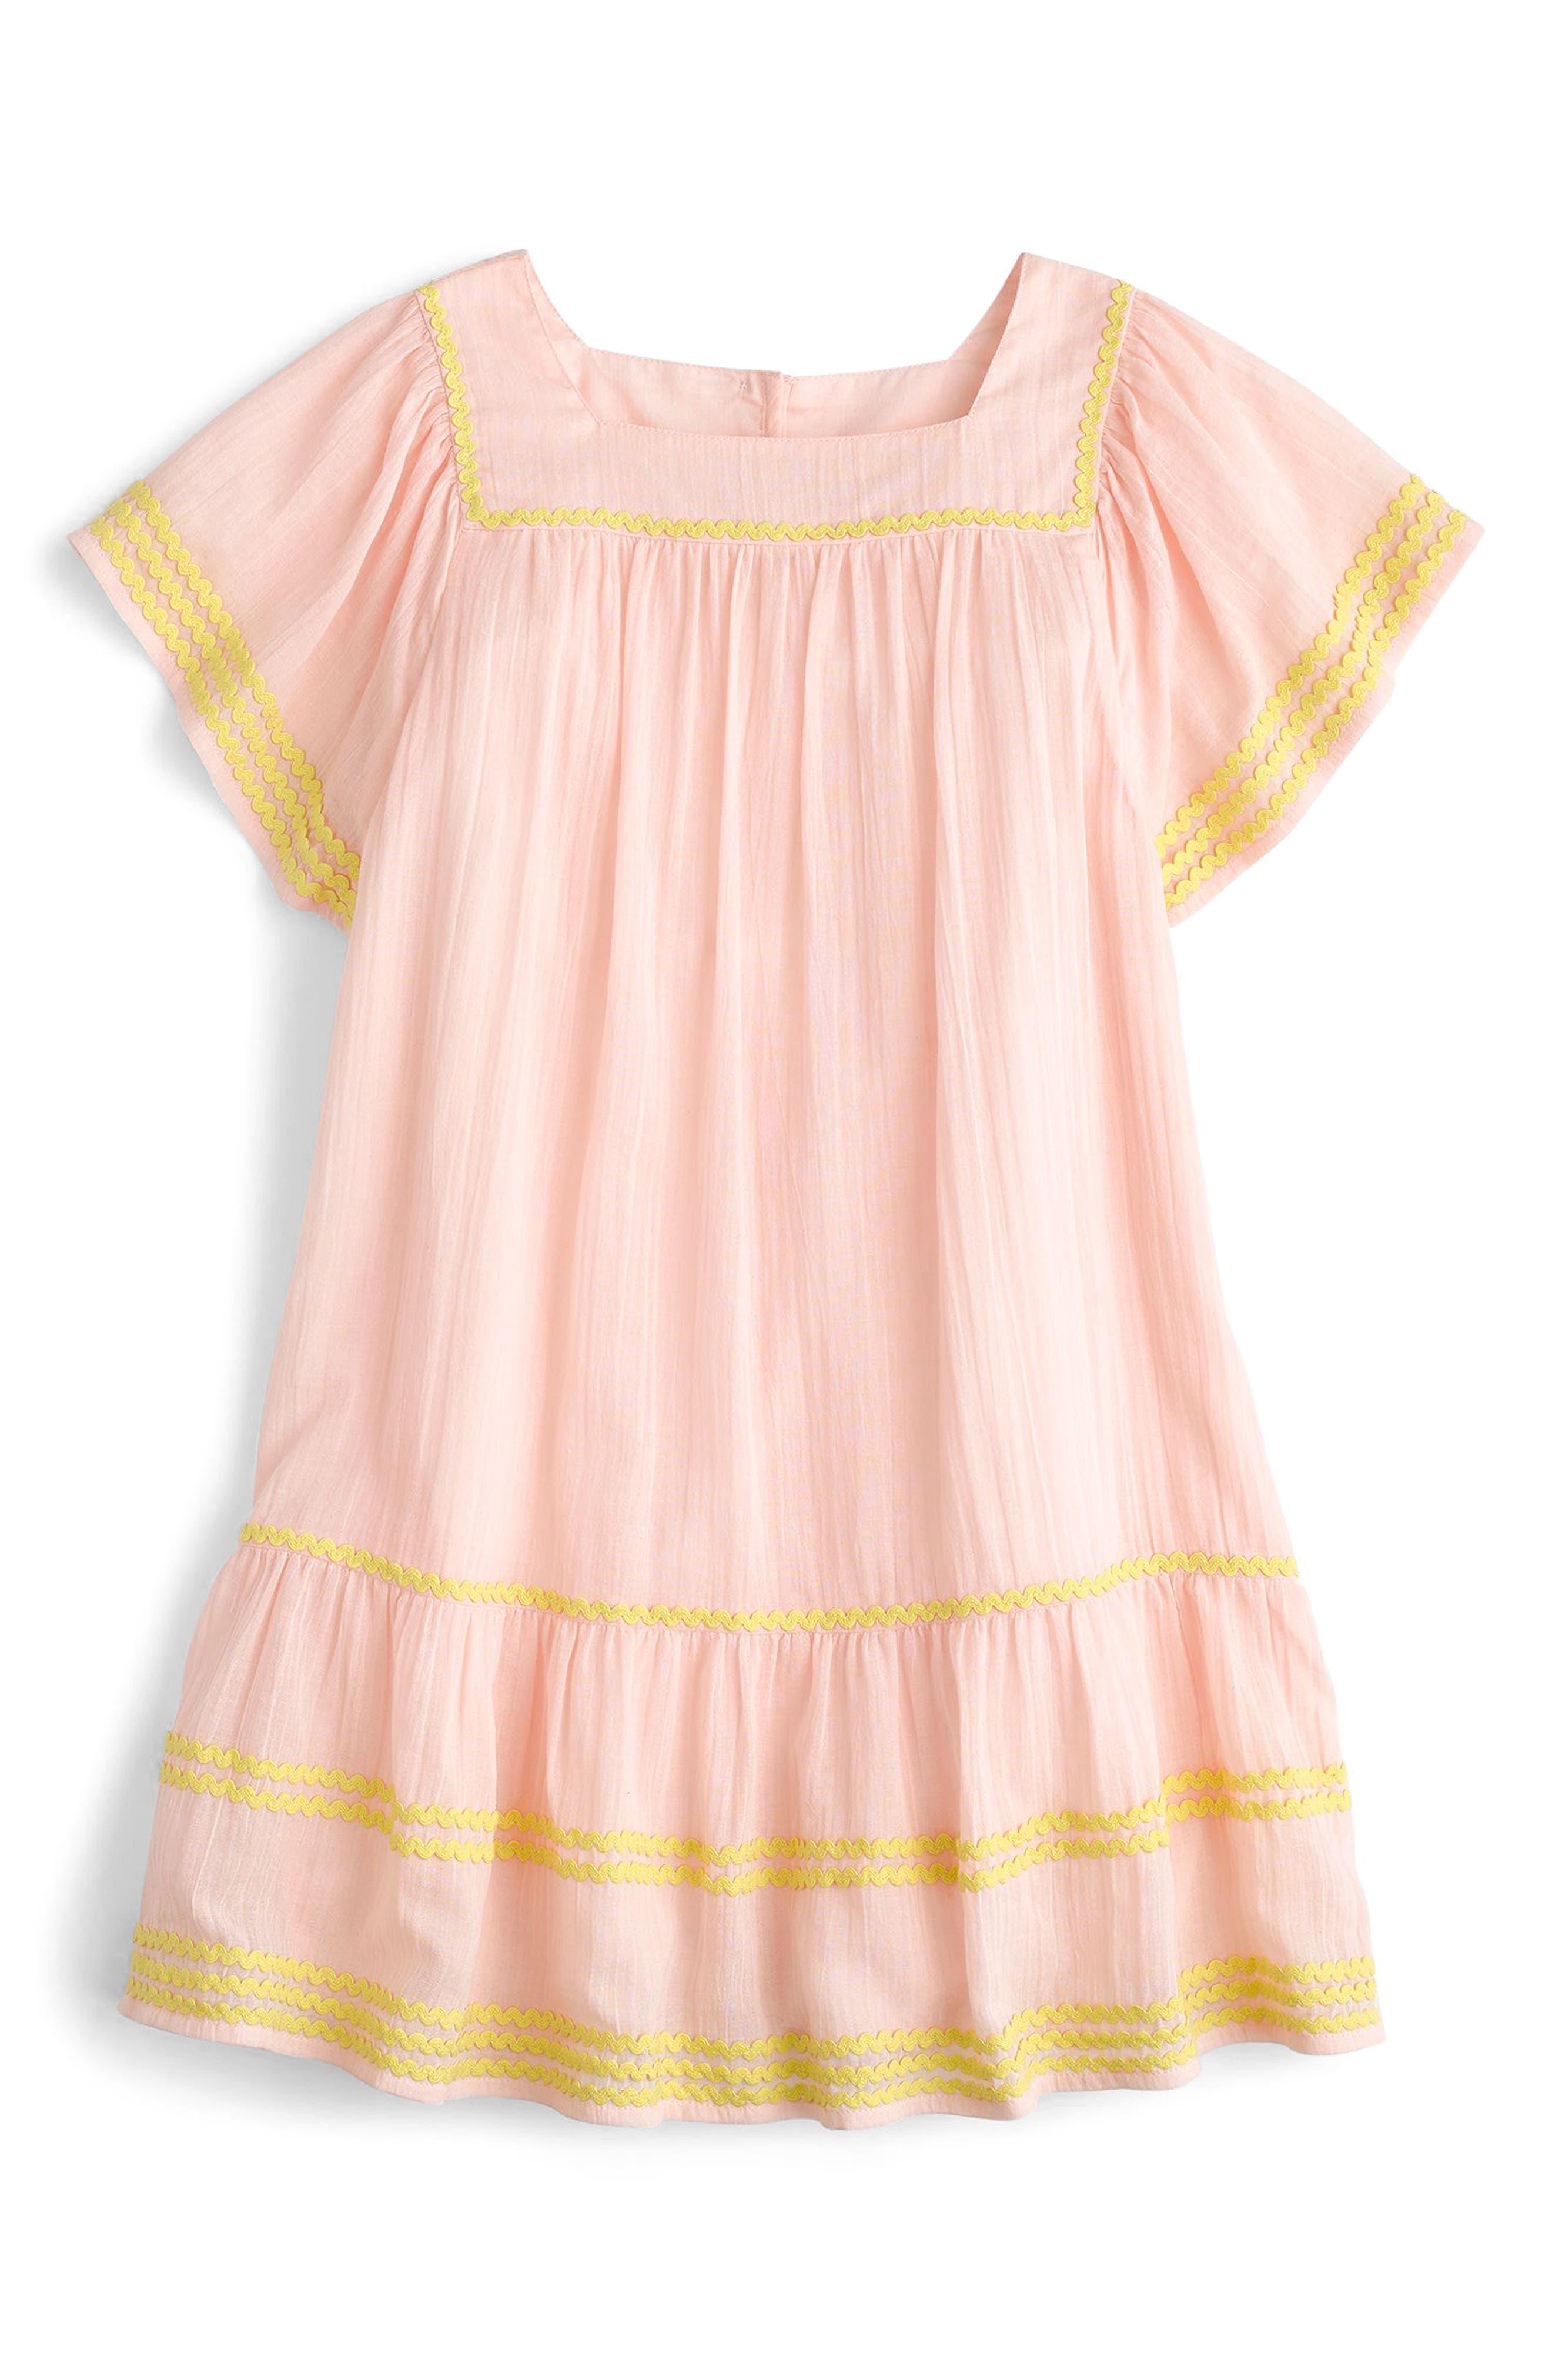 Bardot Cotton Dress,                             Main thumbnail 1, color,                             Sunwashed Pink